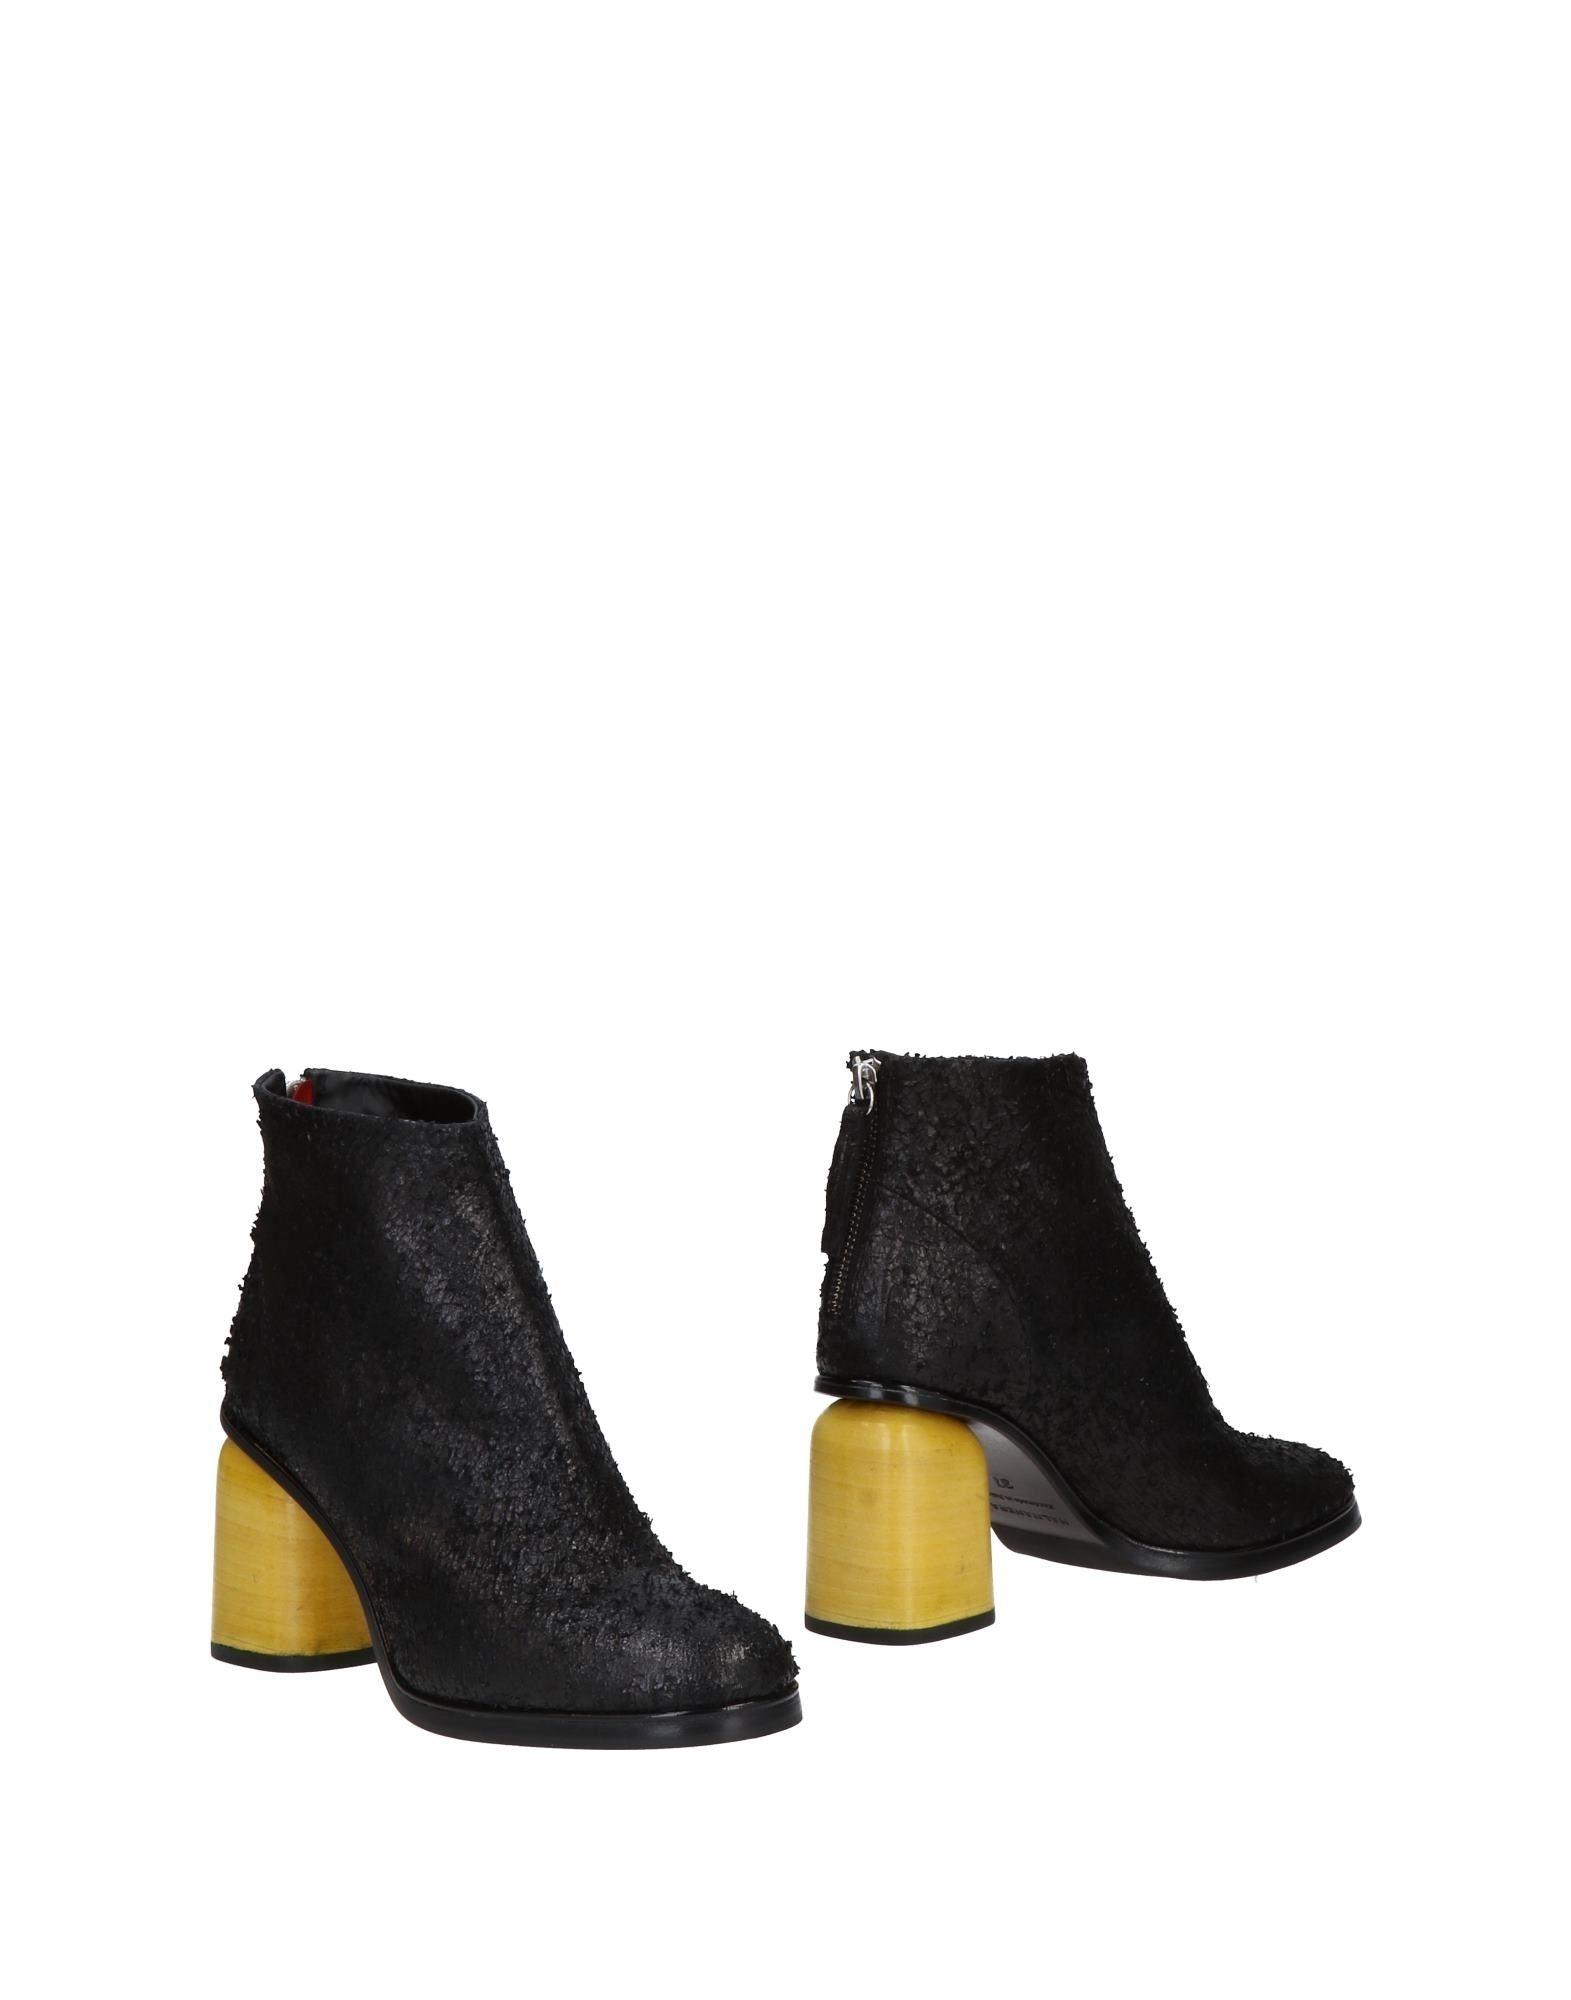 Halmanera Stiefelette Damen  11492001CIGut aussehende strapazierfähige Schuhe